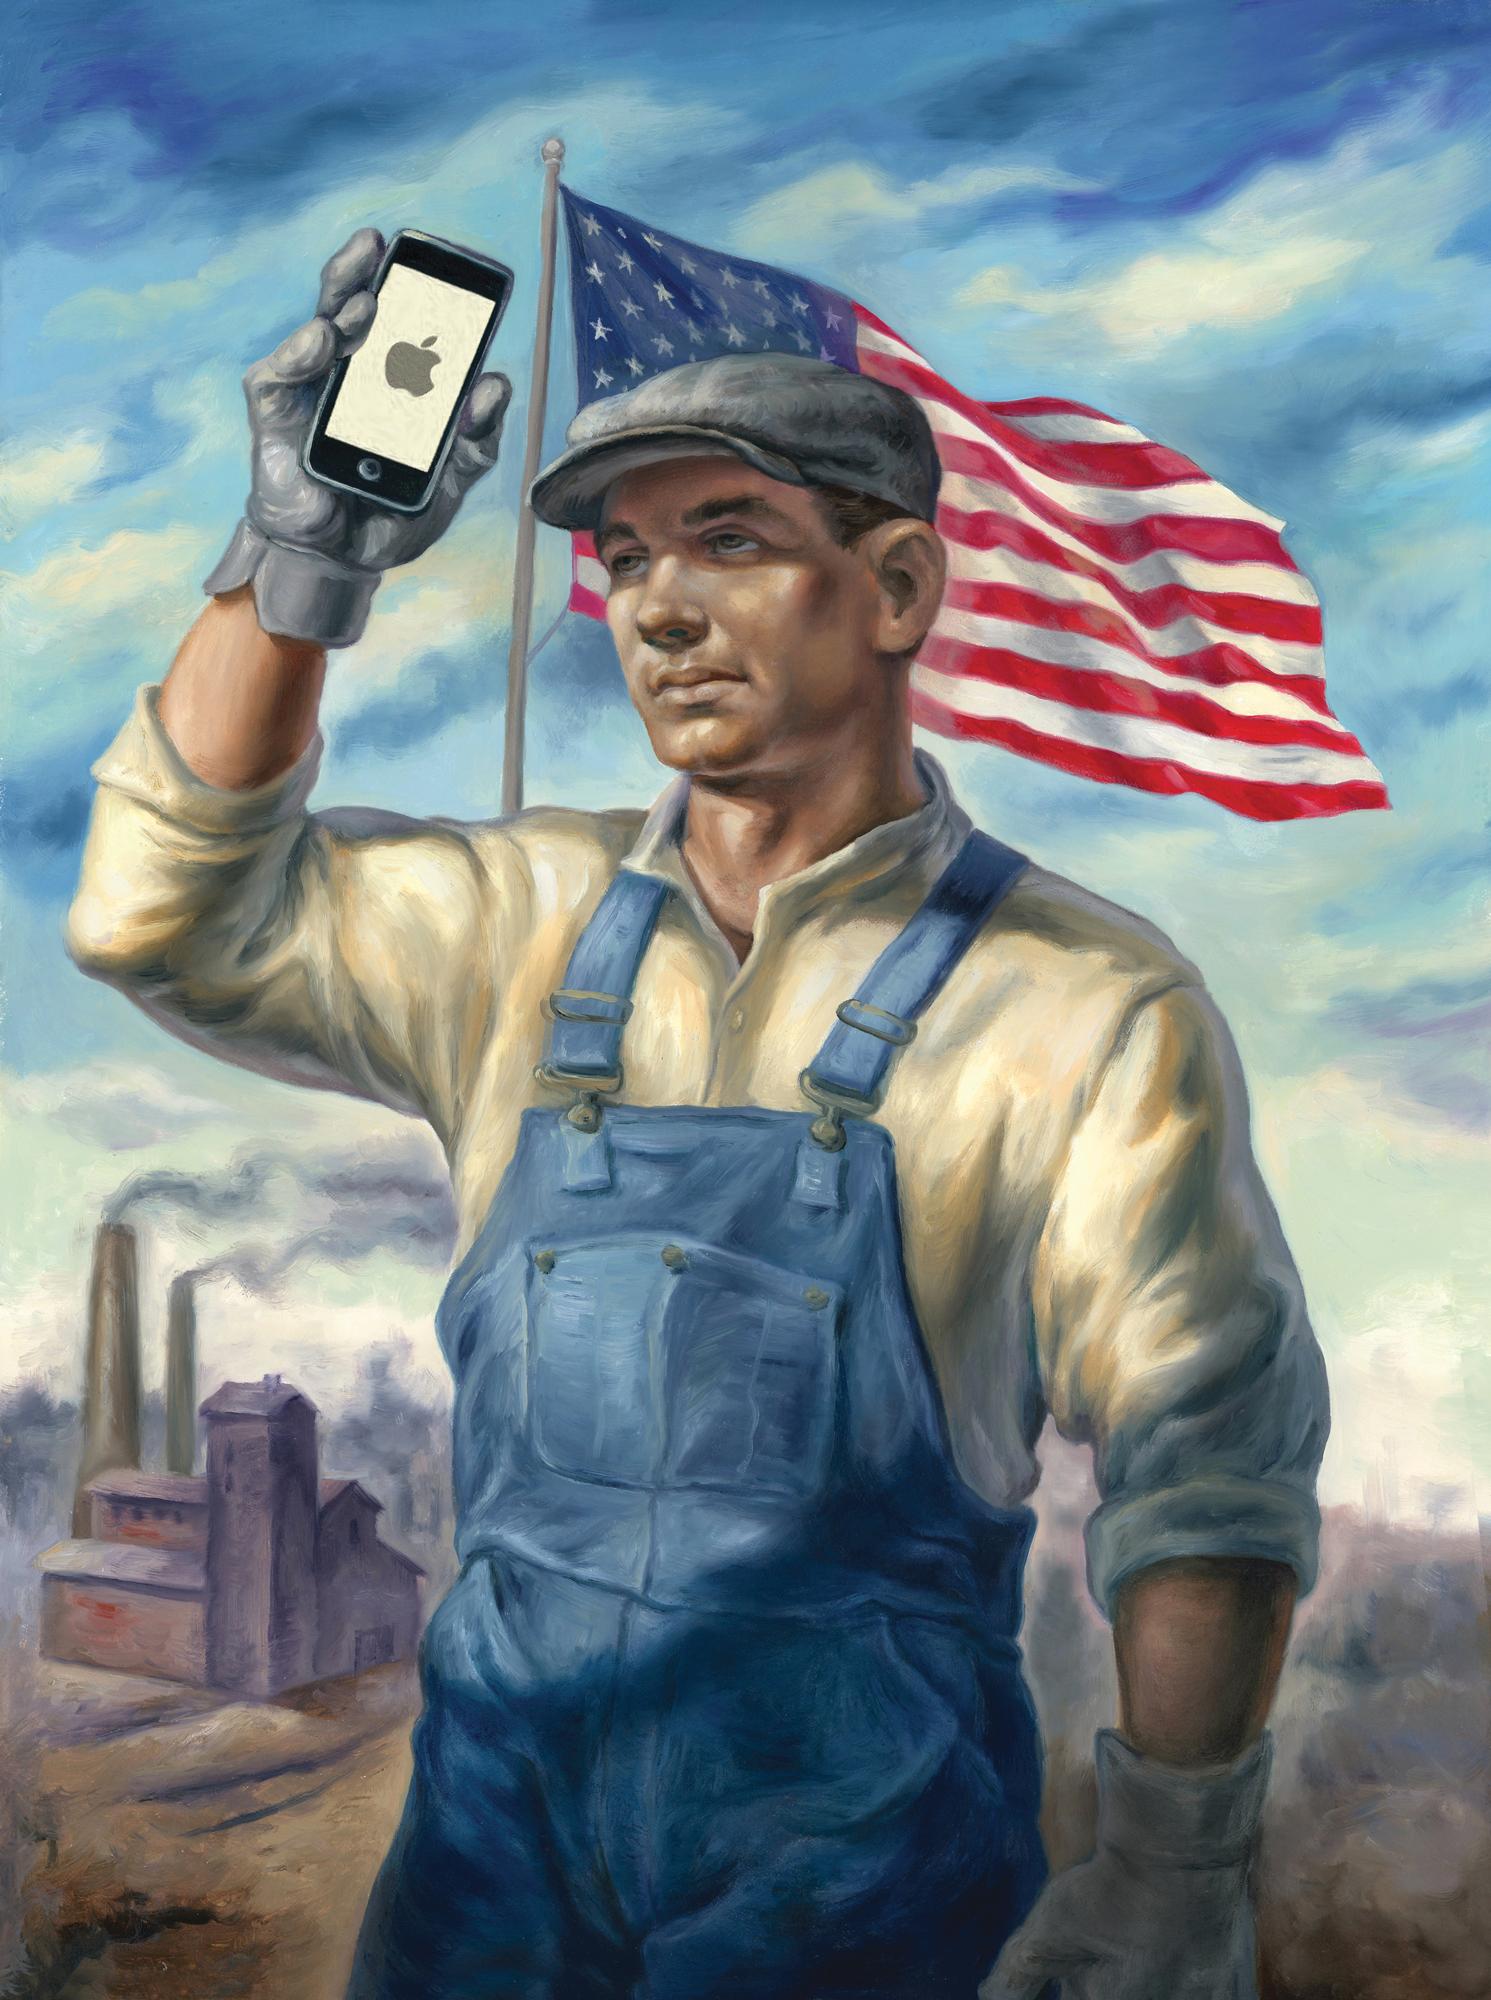 アップルがiPhoneを米国で作ったらどうなるか?